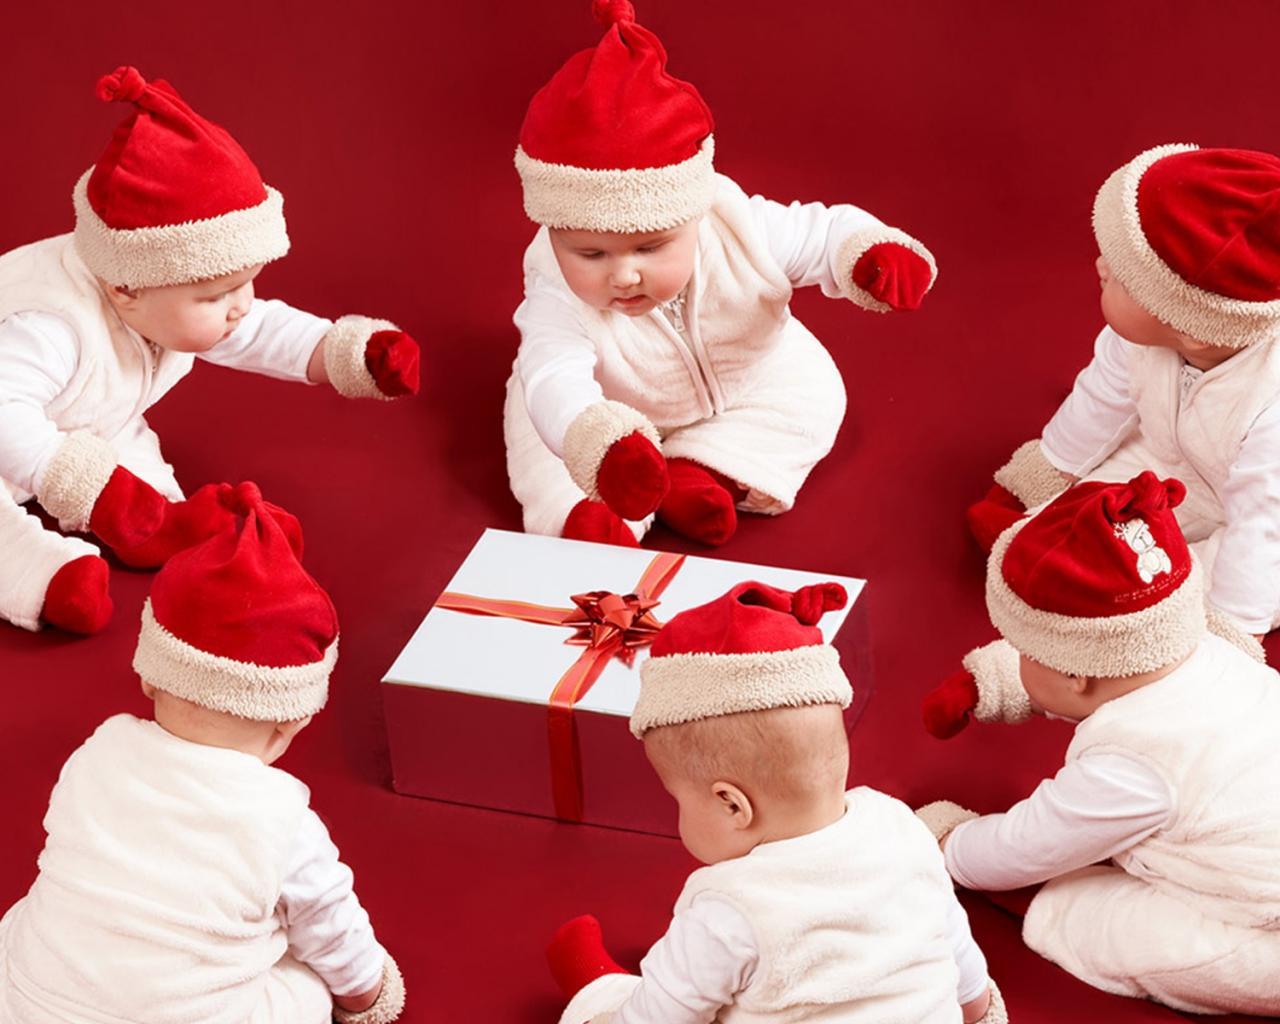 дети дед морозы, скачать обои на рабочий стол, children Santa Clauses wallpaper, фото